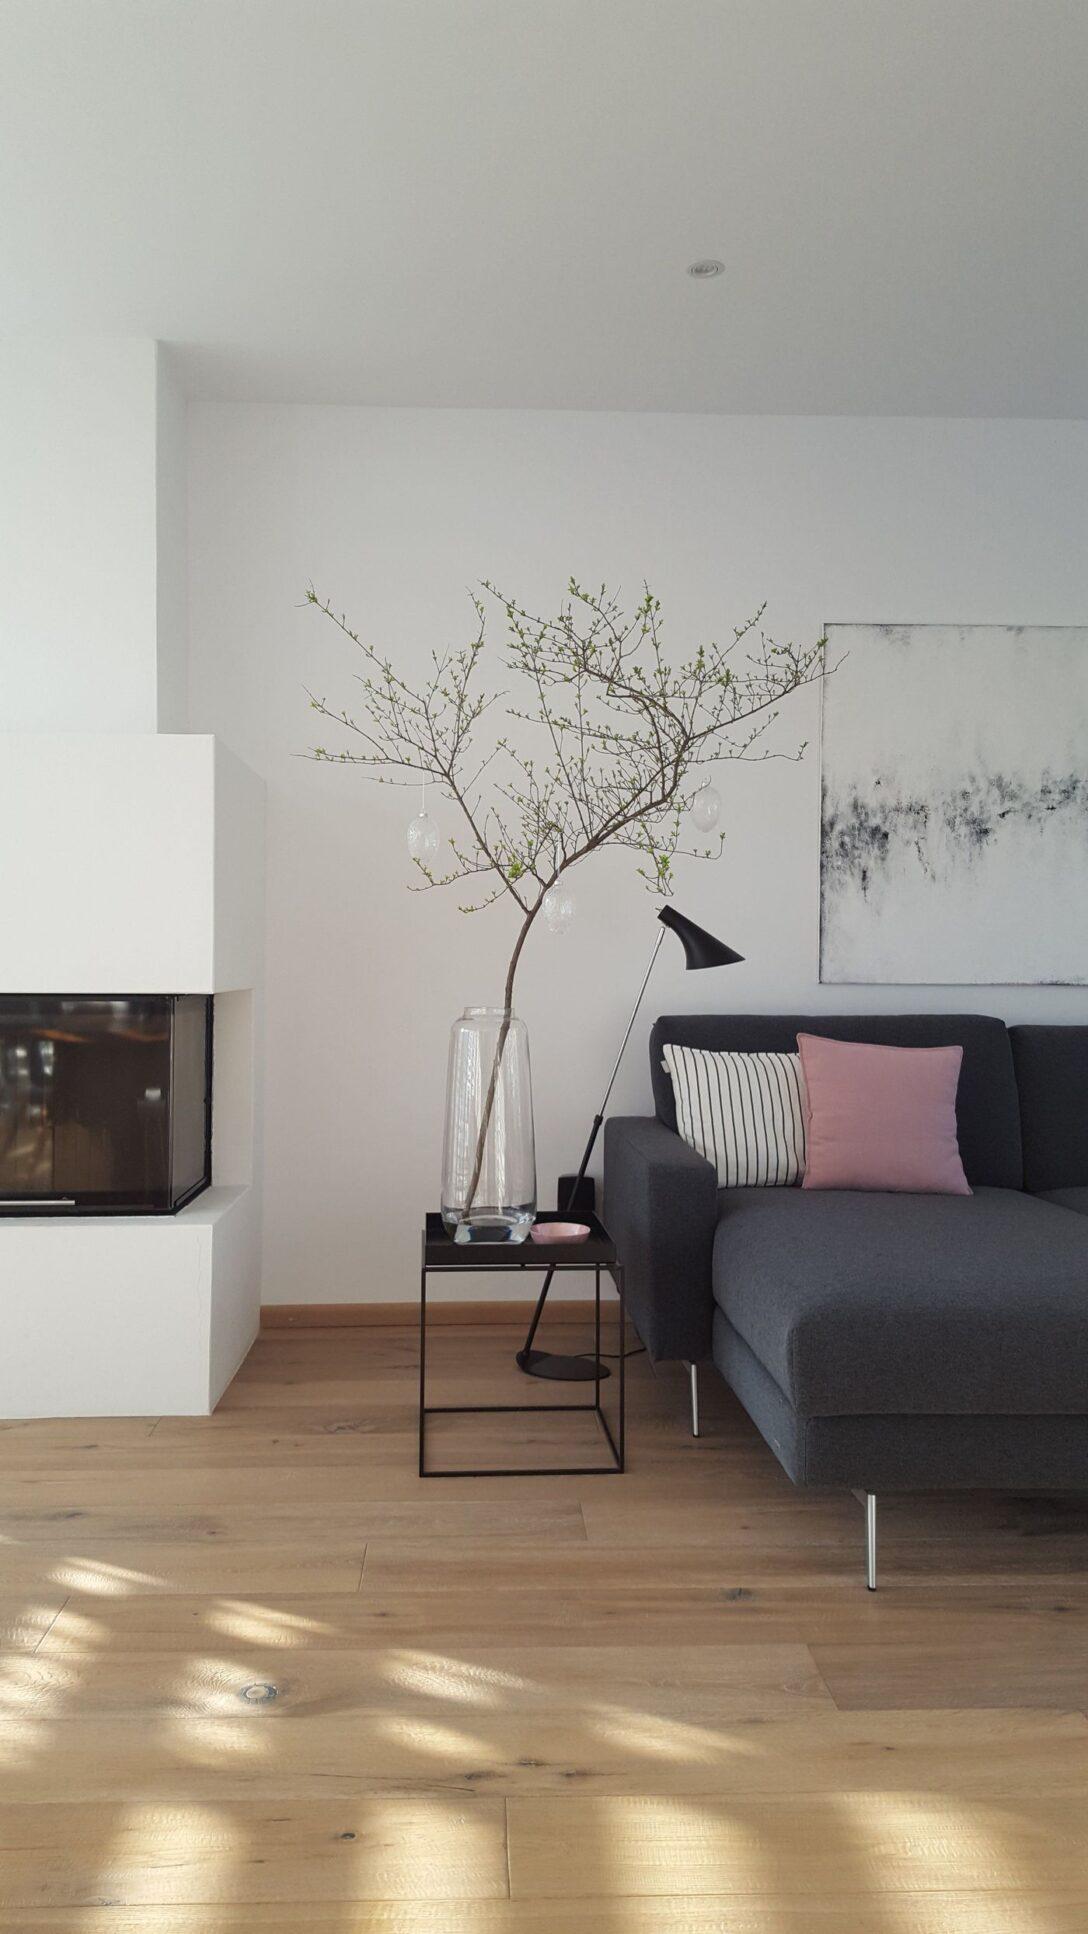 Large Size of Moderne Wohnzimmer Fototapeten Modernes Sofa Teppiche Gardine Sessel Wandtattoos Indirekte Beleuchtung Lampe Deckenlampen Stehleuchte Kommode Deckenleuchte Wohnzimmer Moderne Wohnzimmer